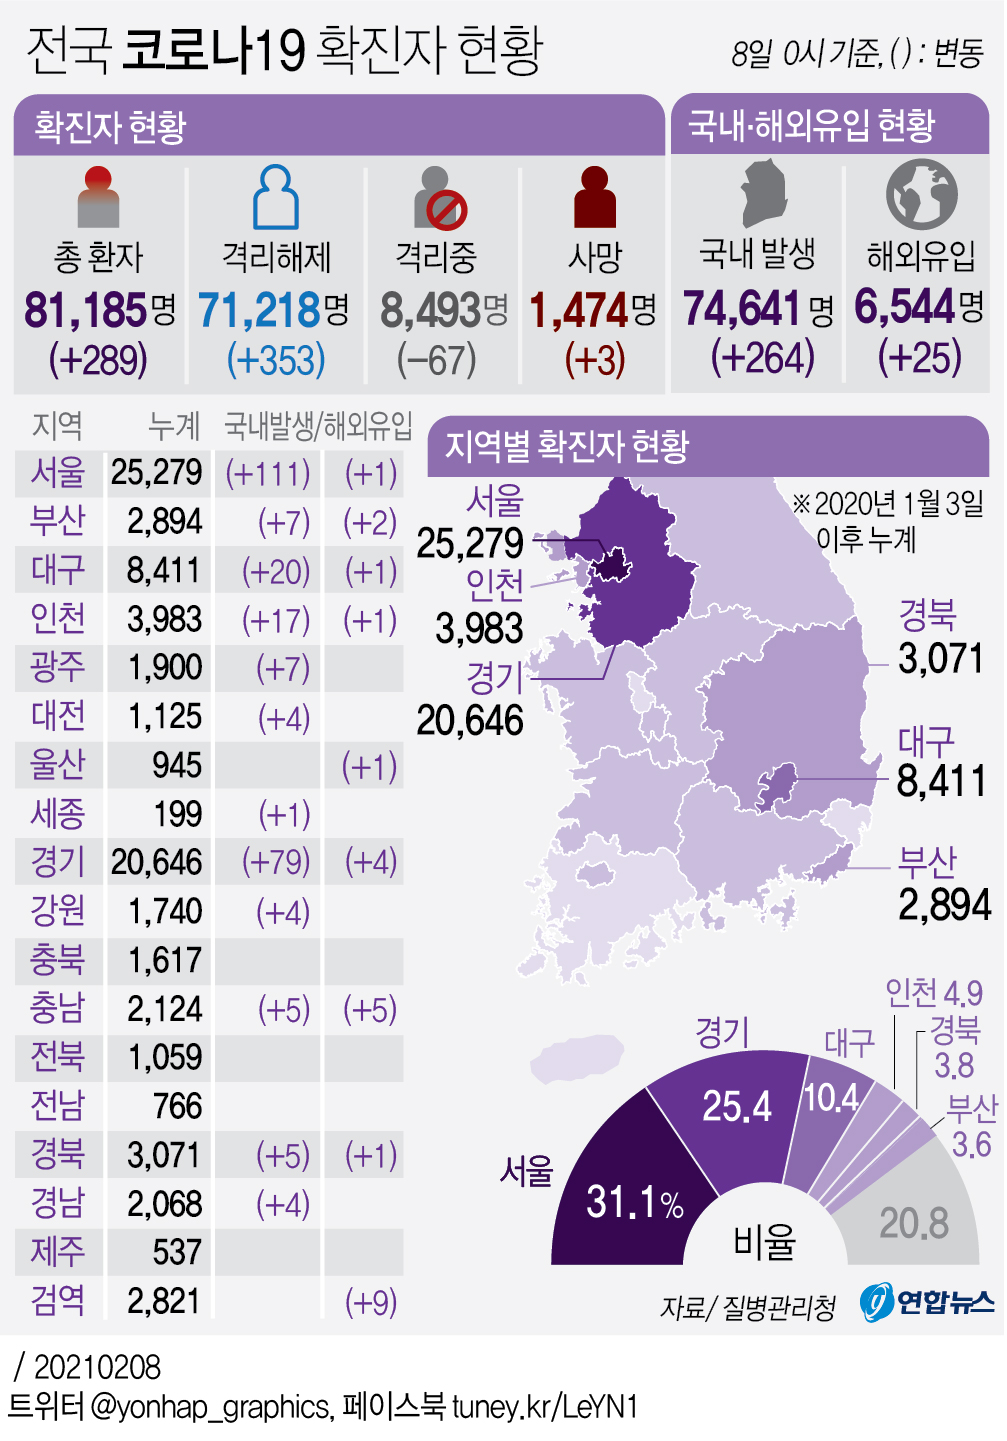 [그래픽] 전국 코로나19 확진자 현황